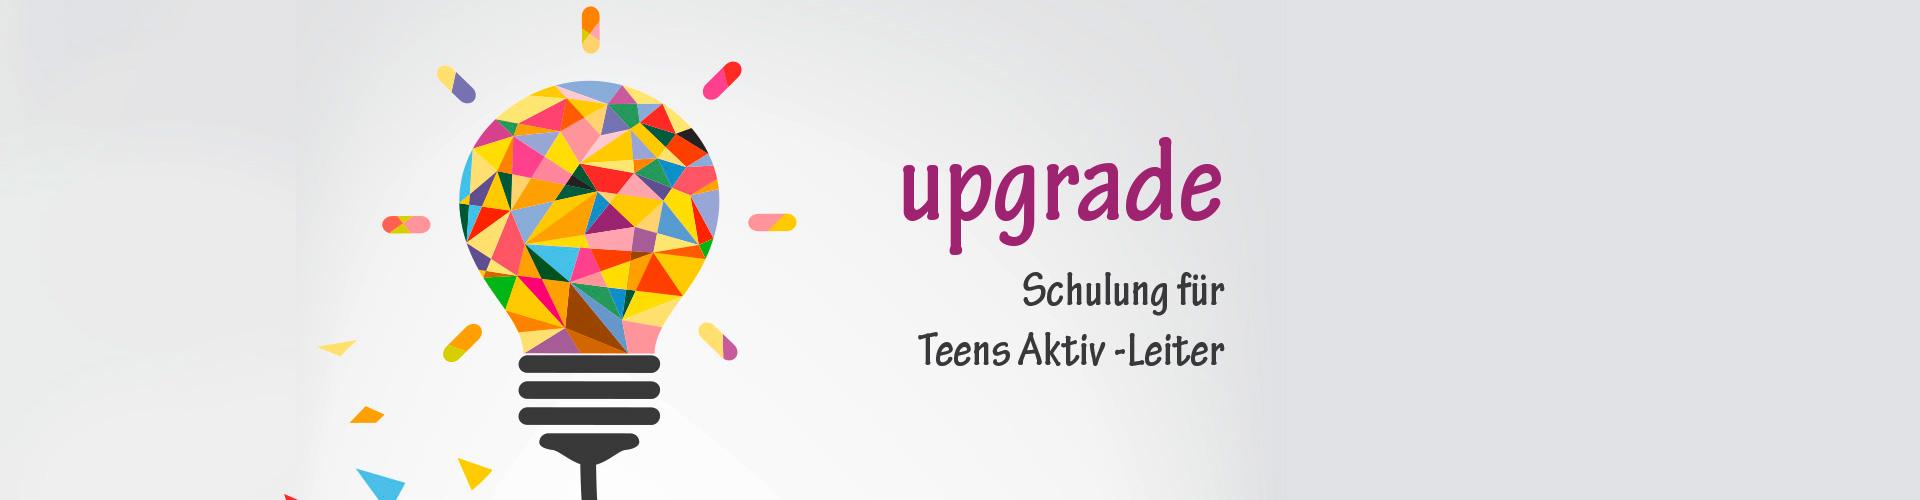 slider upgrade schulung 2021